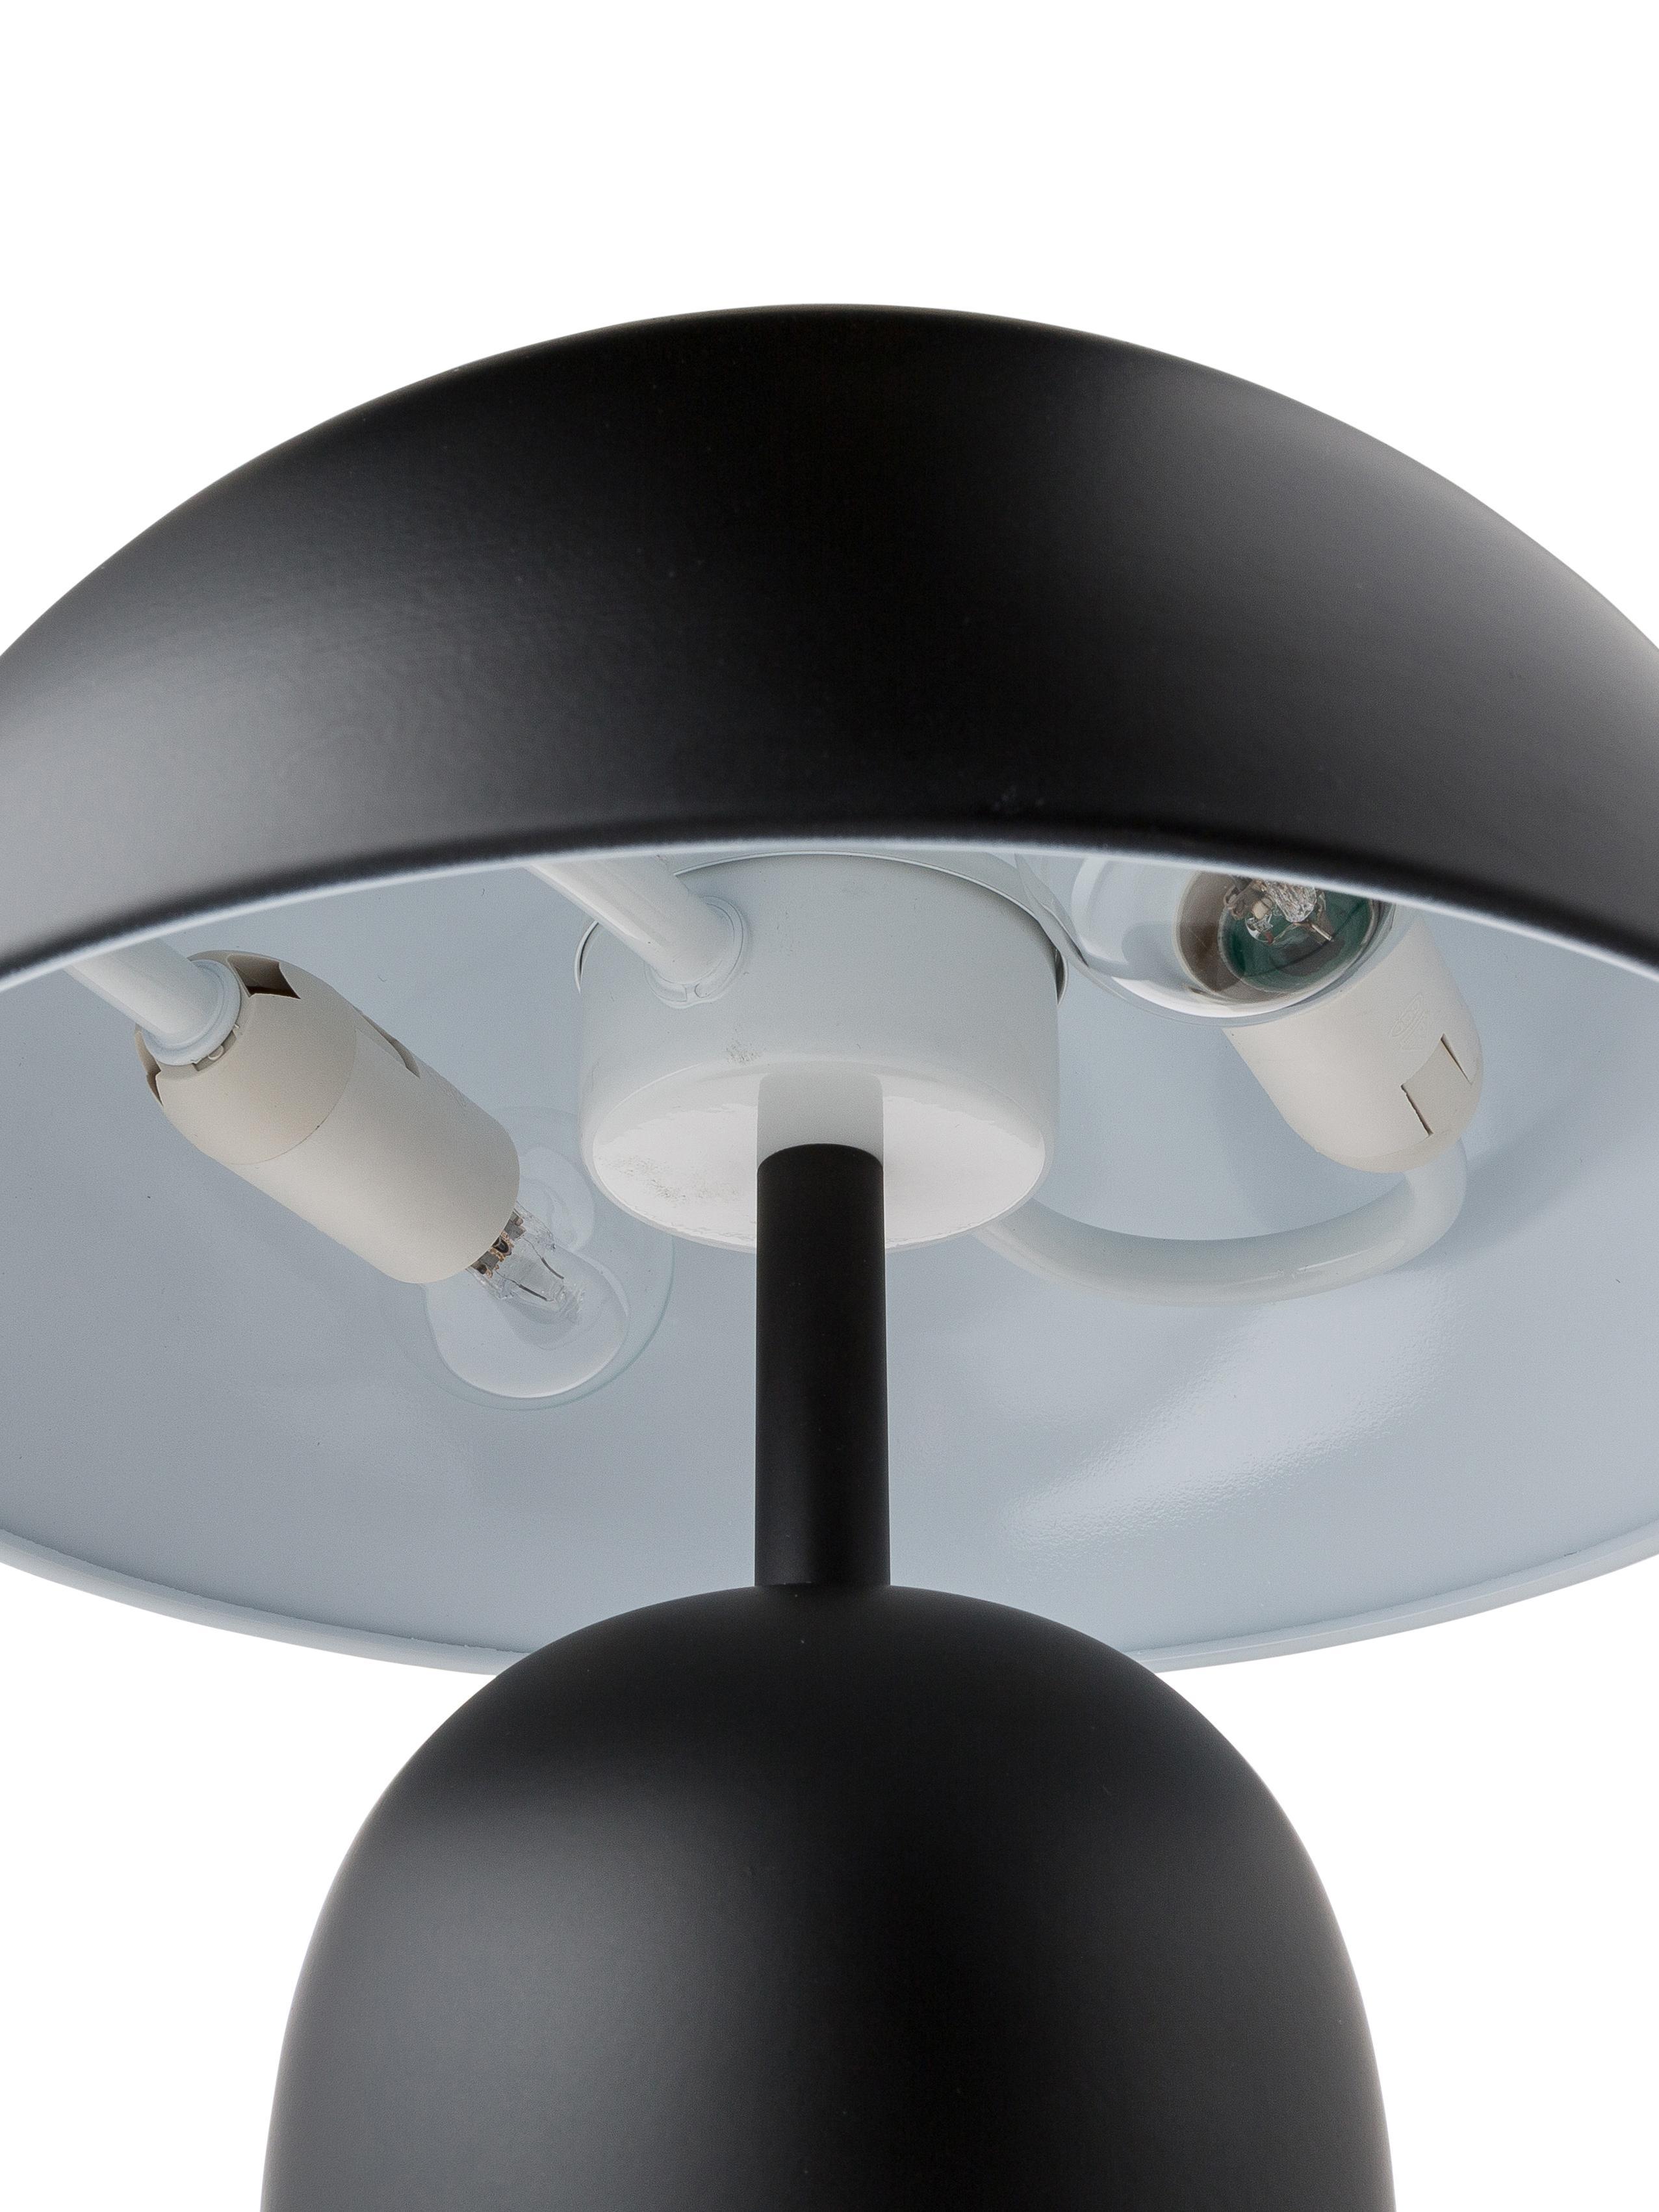 Retro-Tischlampe Walter, Lampenschirm: Metall, Lampenfuß: Metall, Mattschwarz, Ø 25 x H 33 cm